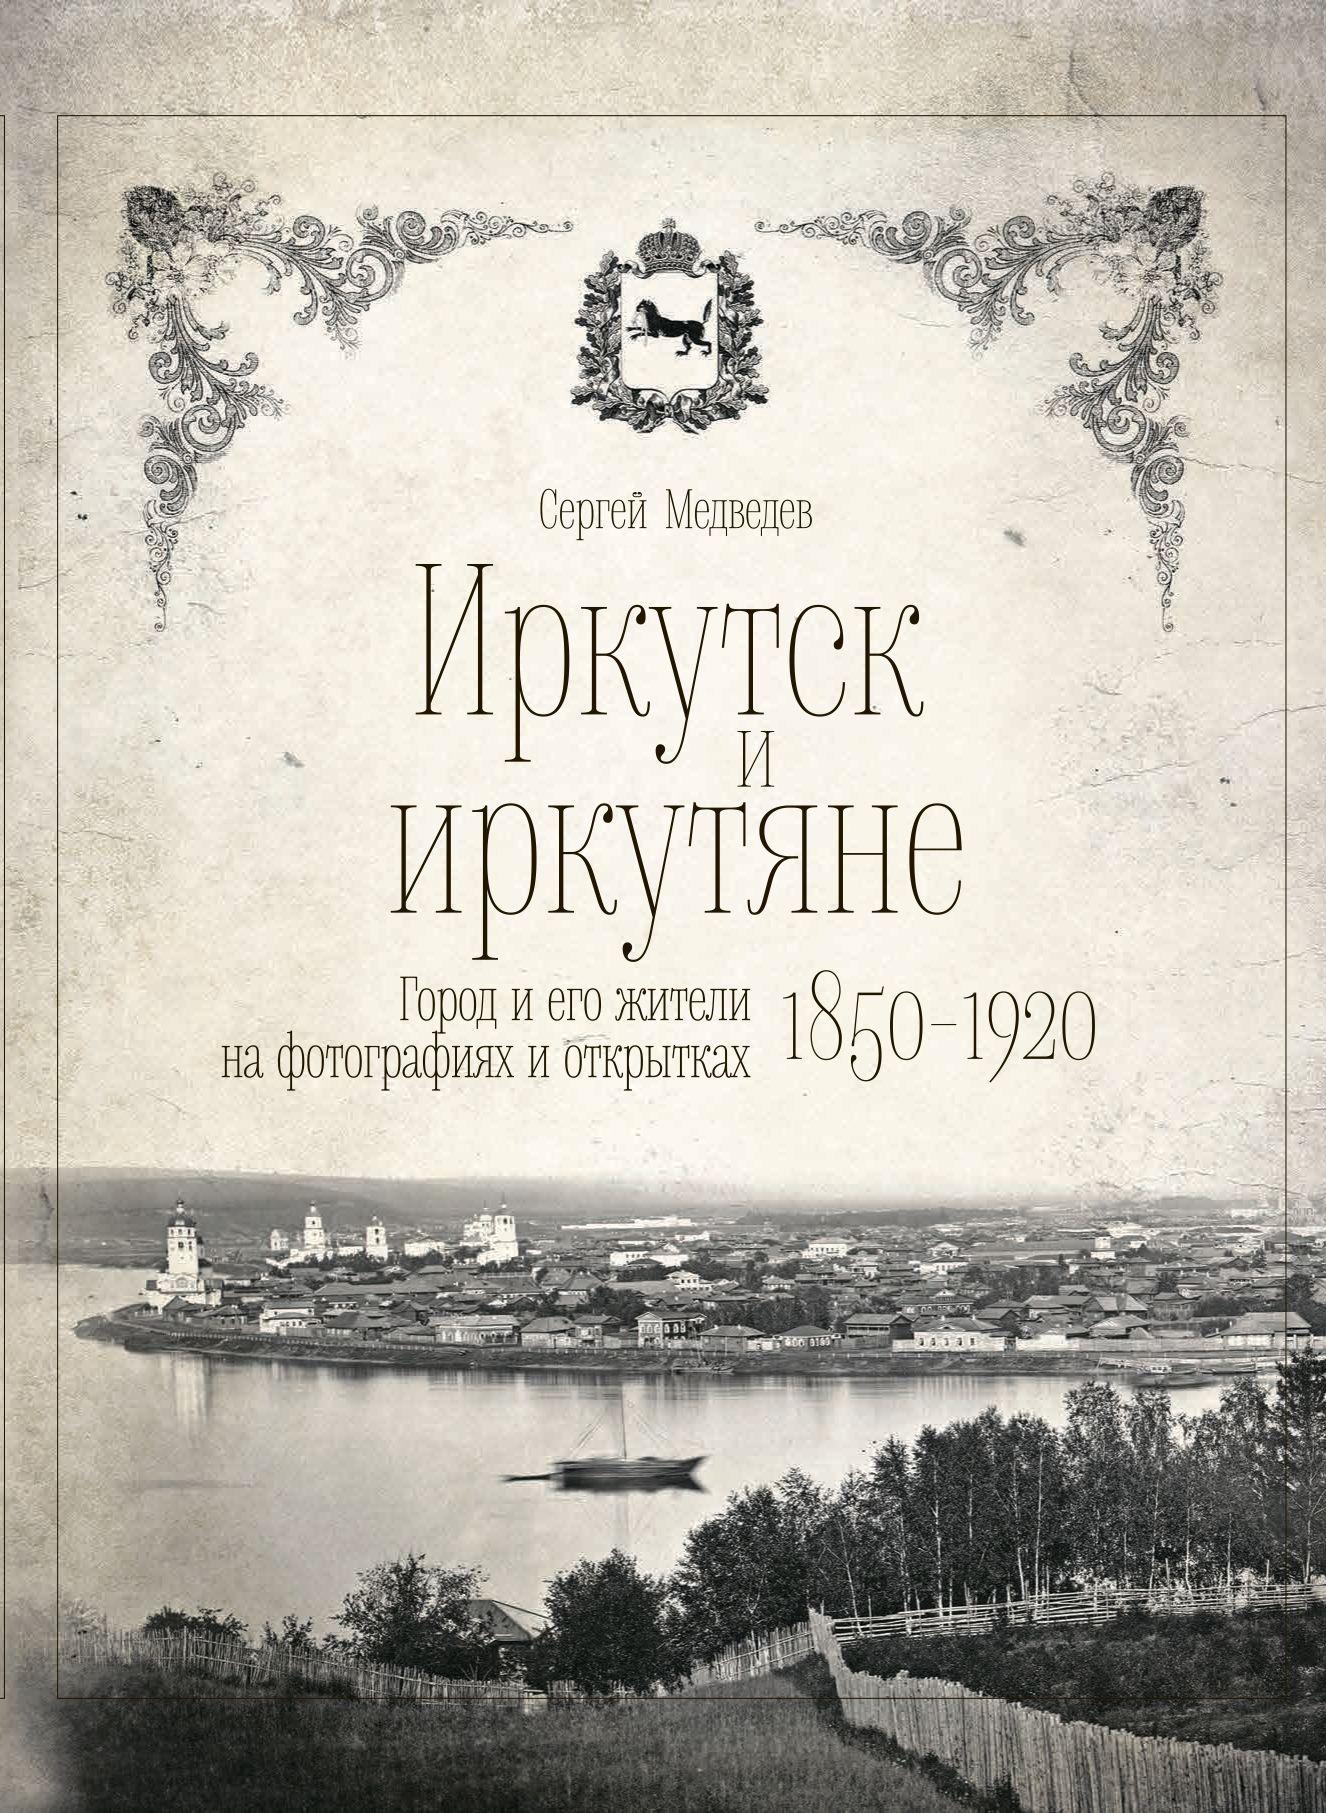 Иркутск и иркутяне. Город и его жители на фотографиях и открытках 1850-1920